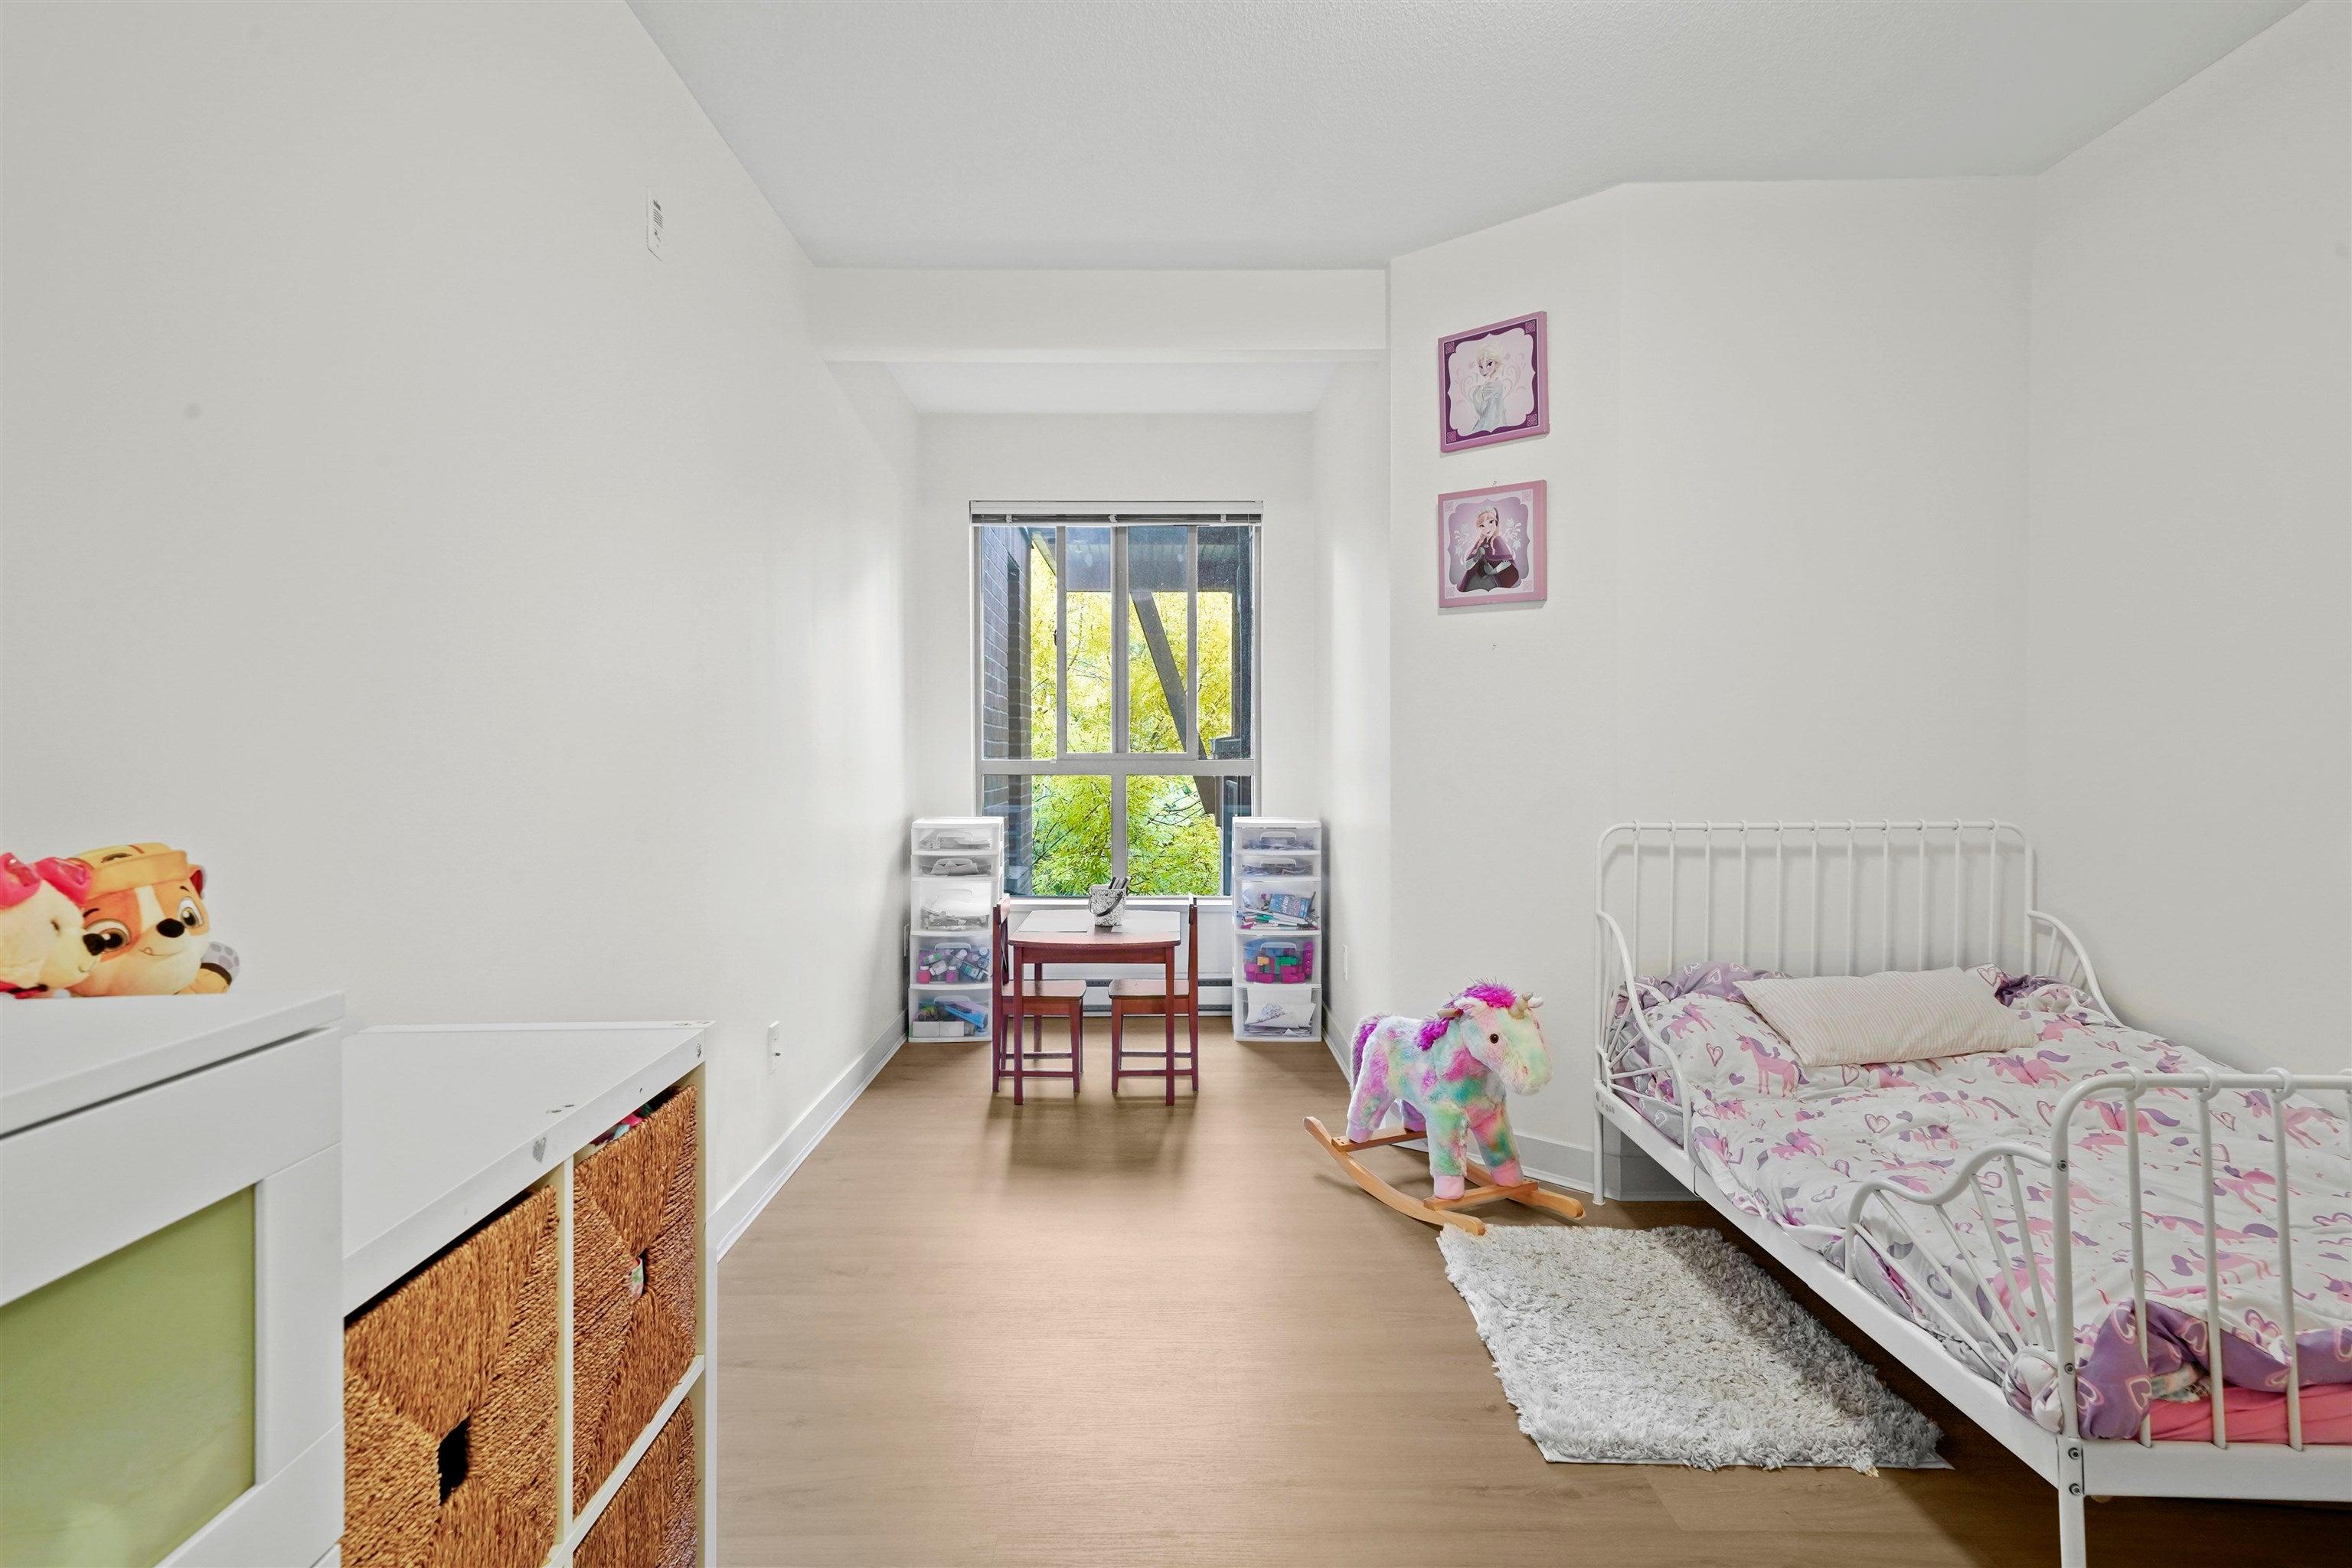 319 1633 MACKAY AVENUE - Pemberton NV Apartment/Condo for sale, 2 Bedrooms (R2624916) - #21